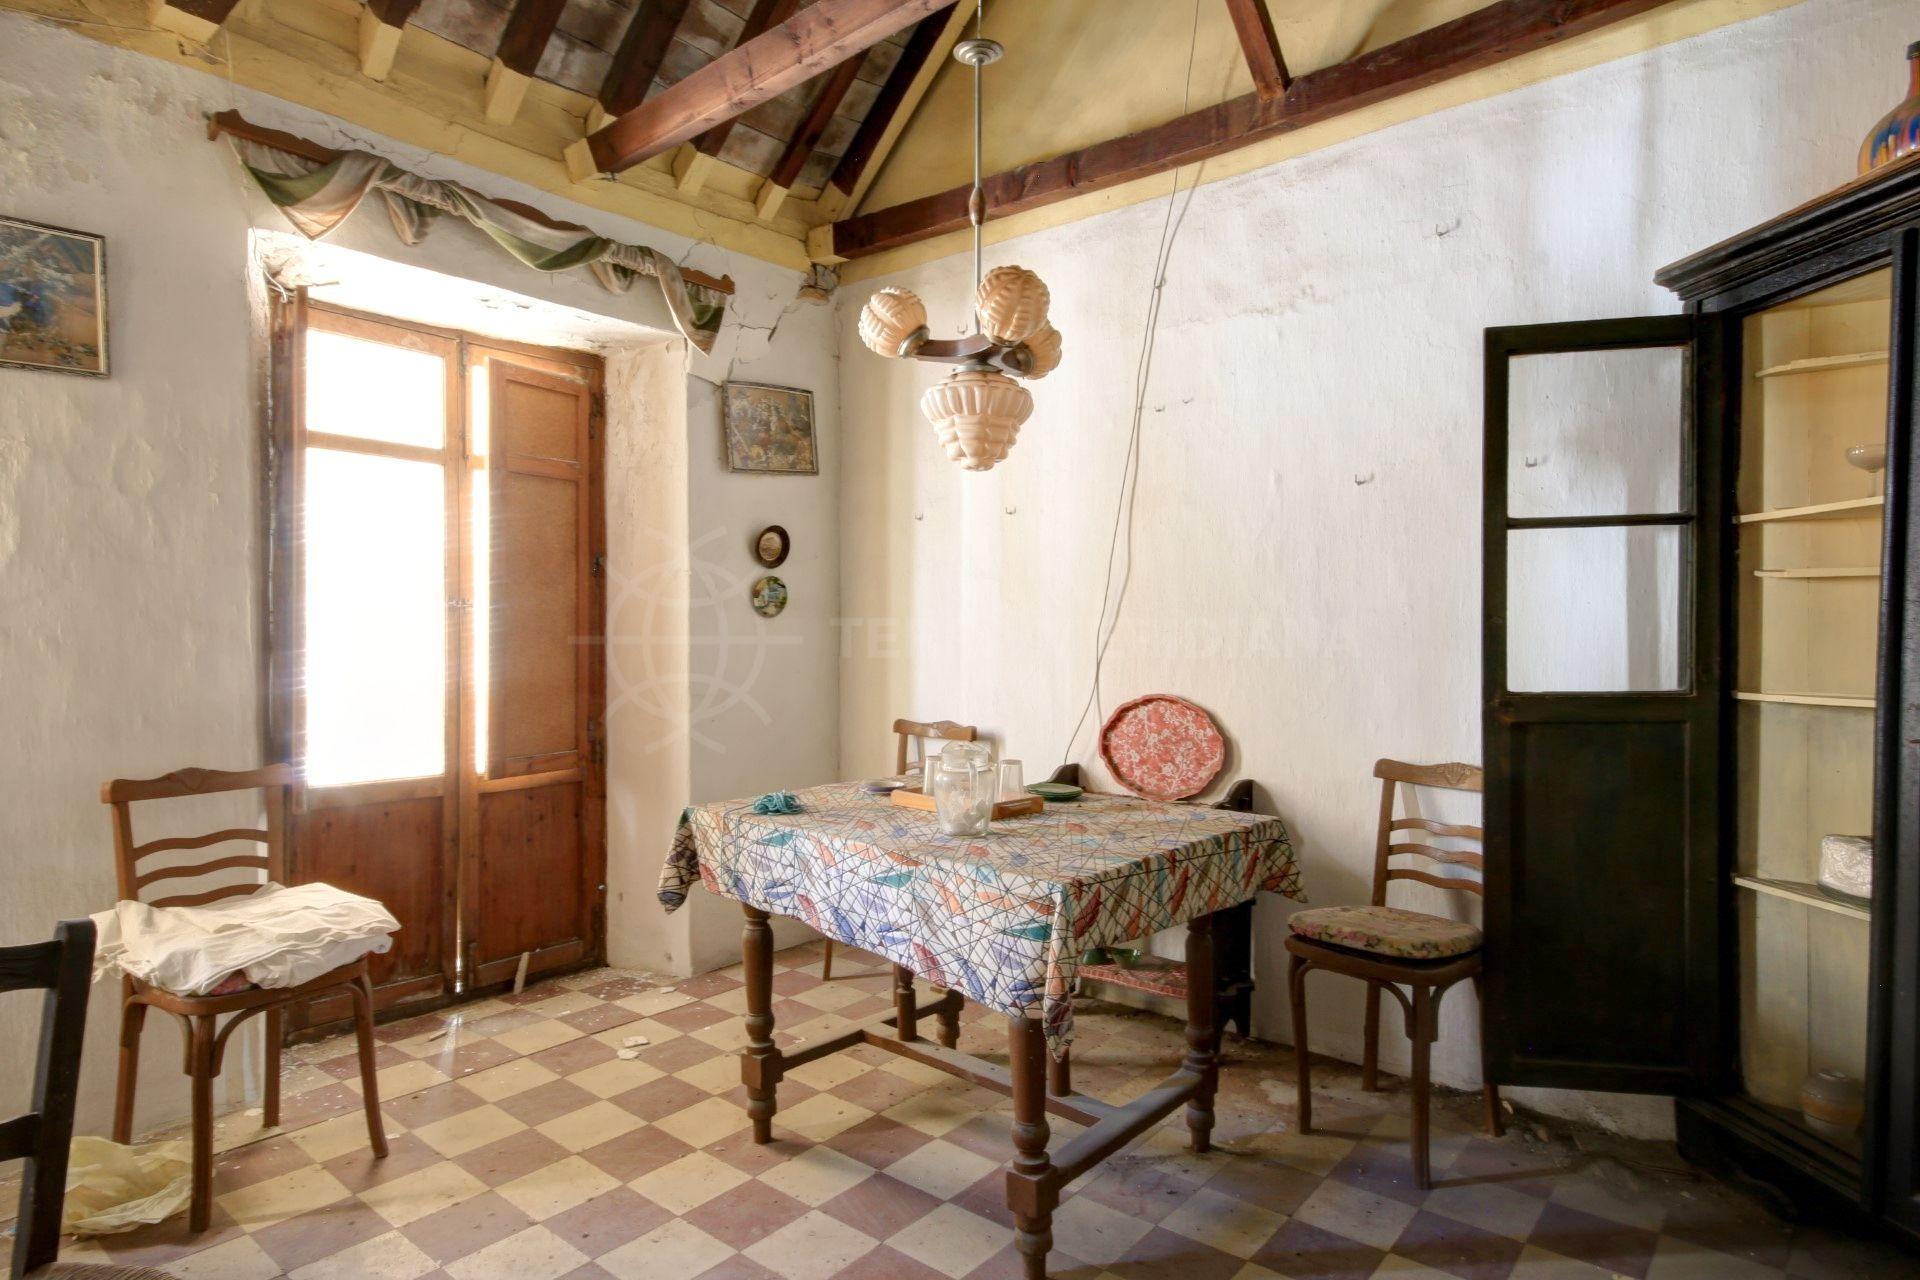 Casa en venta para reformar en el casco antiguo de Estepona